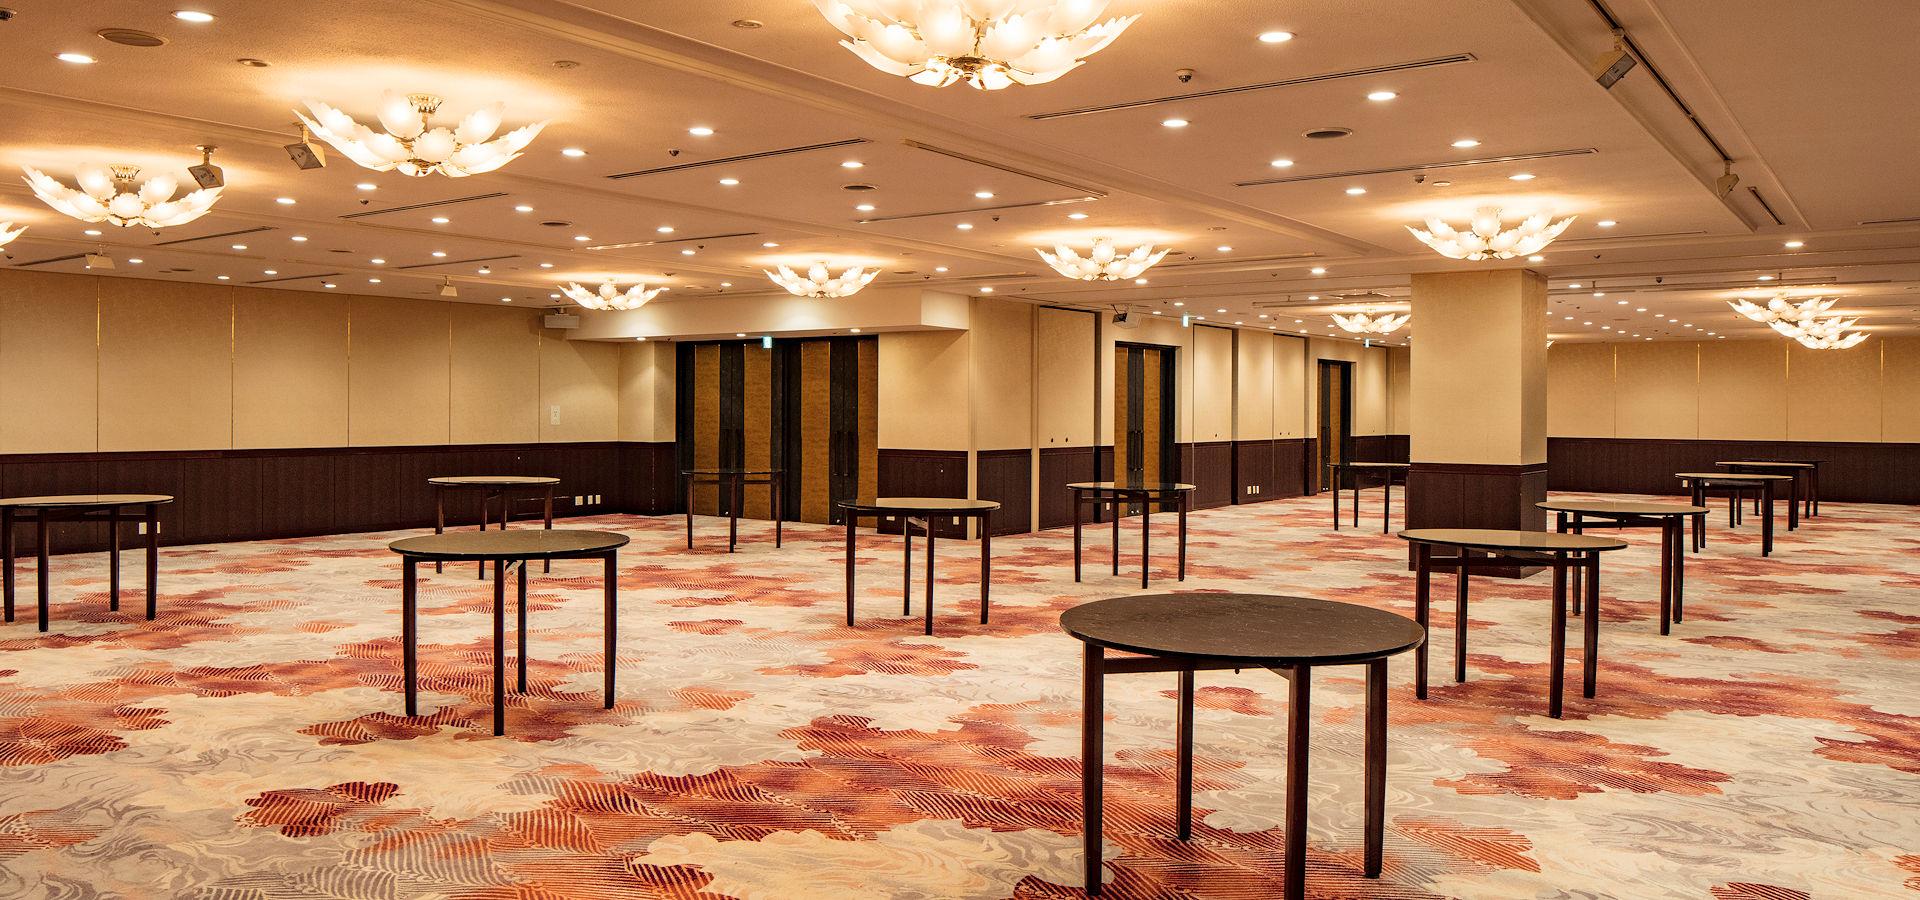 Crown Room & Royal Room